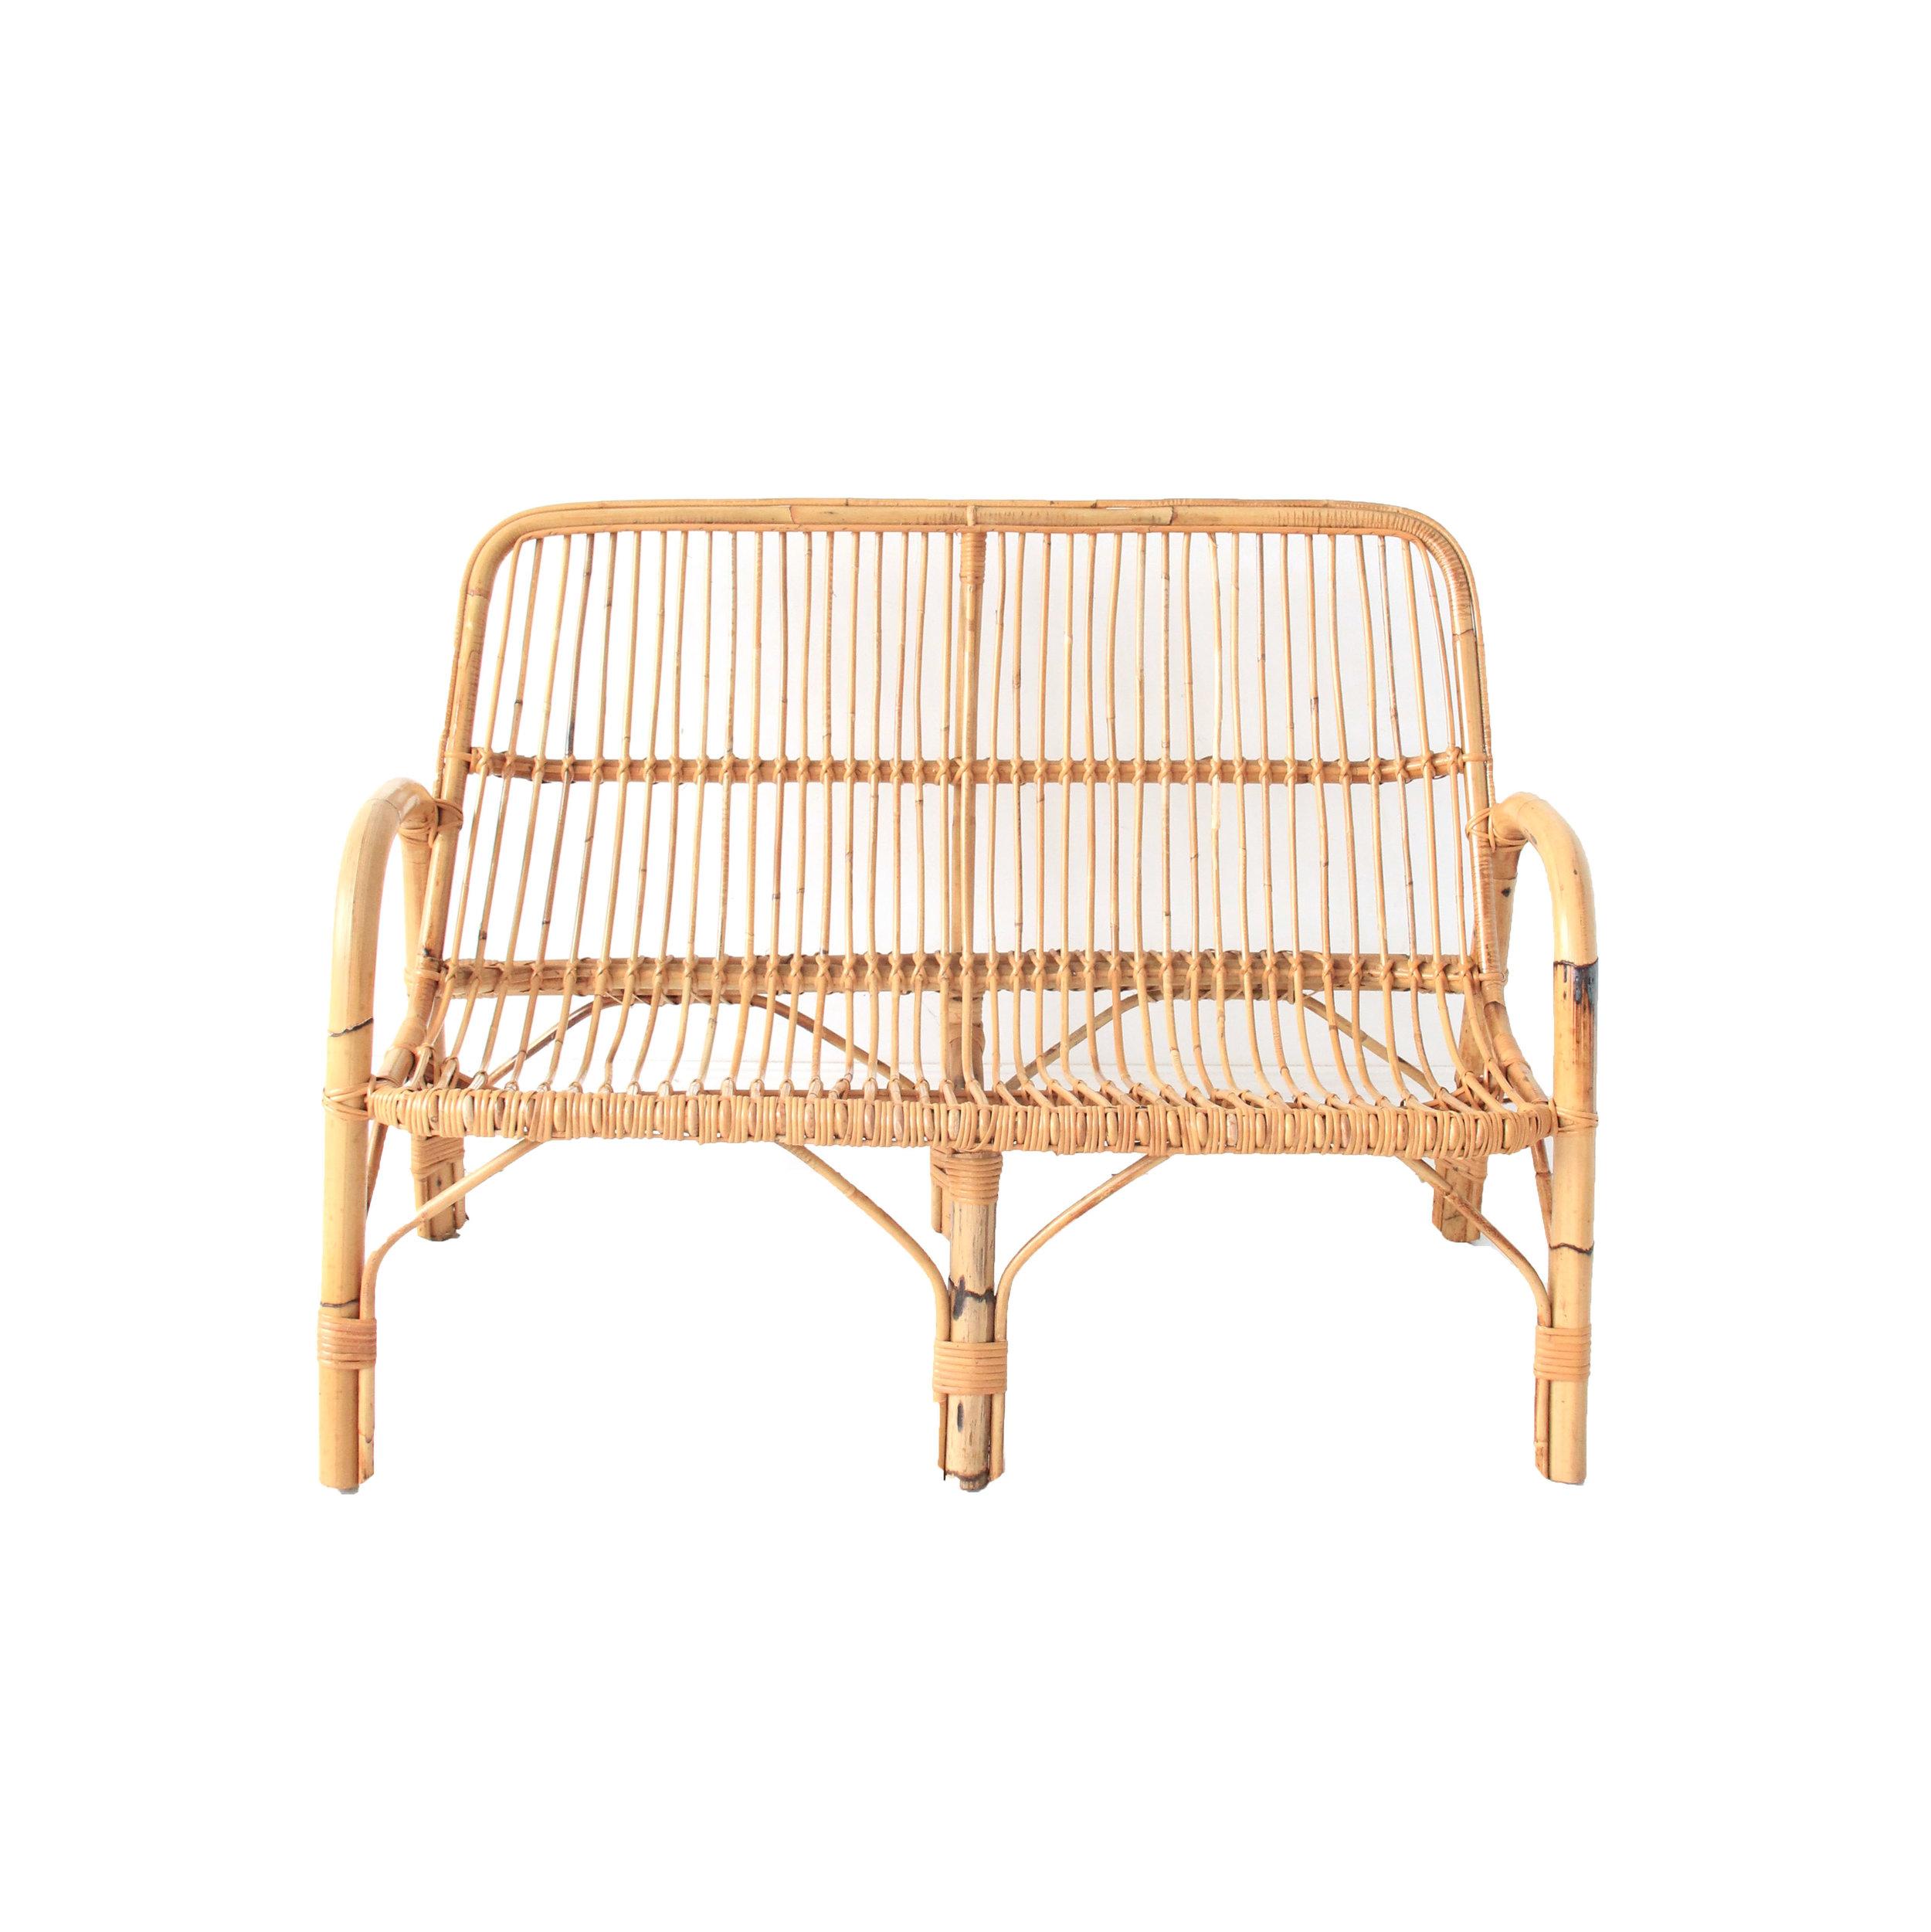 Vintage Rattan and Bamboo Sofa